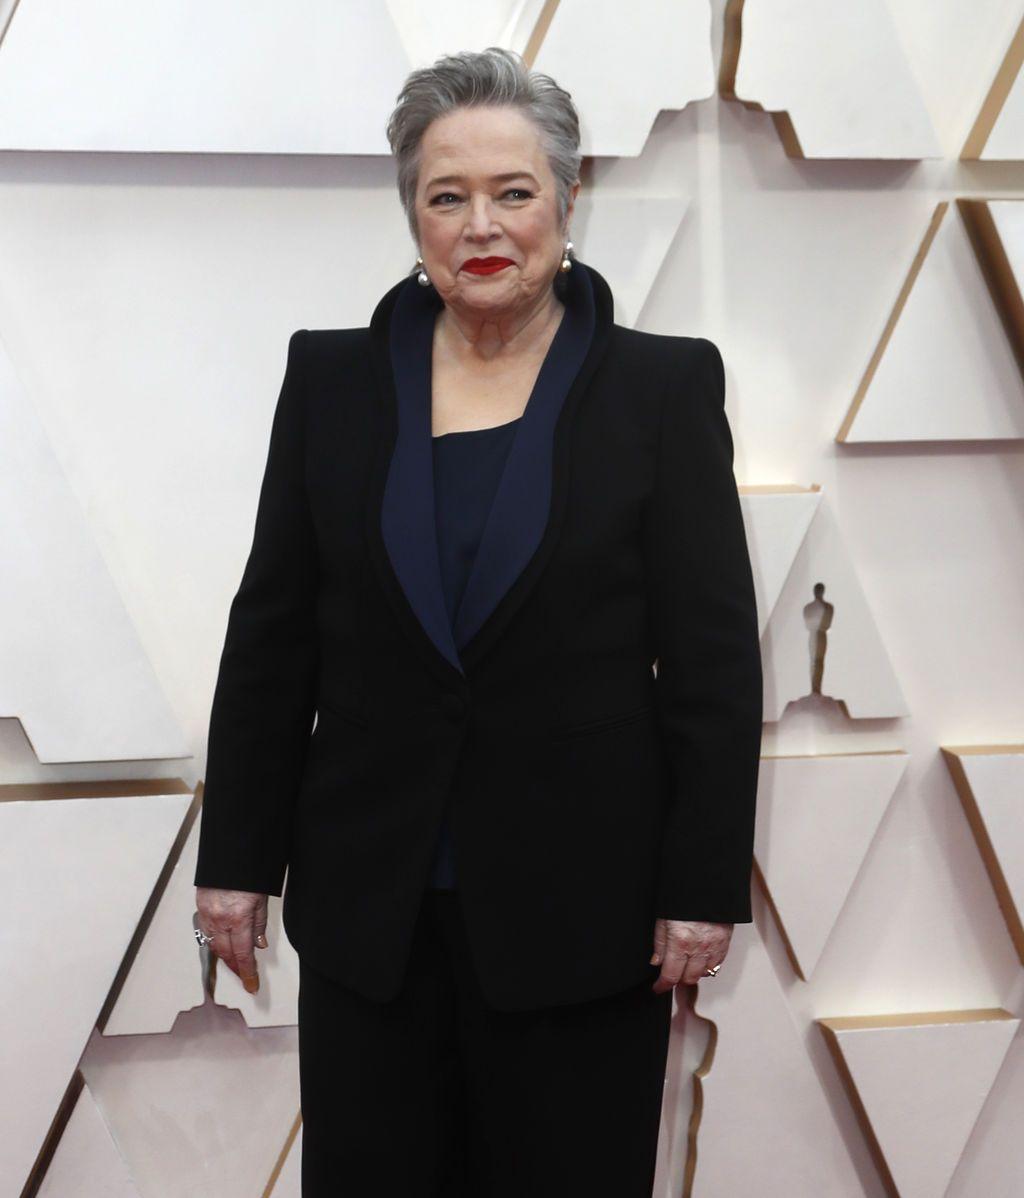 Kathy Bates posa en la alfombra roja de los Premios Óscar 2020